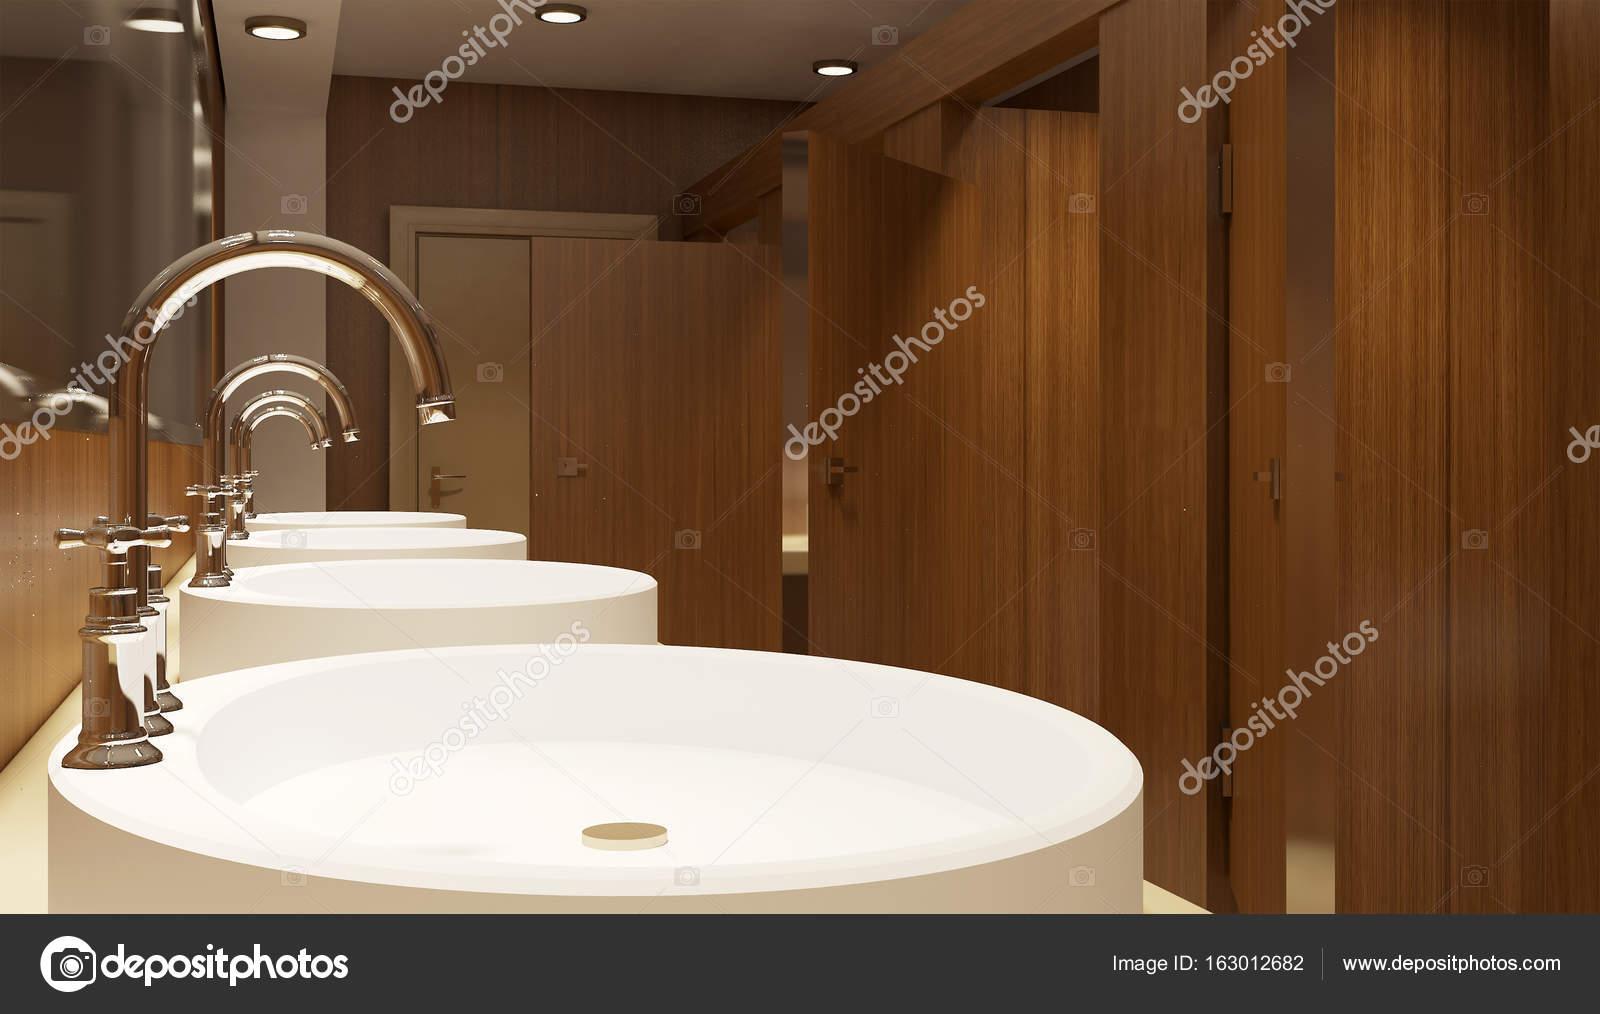 Servizi igienici pubblici nell 39 edificio per uffici foto - Immagini di uffici ...